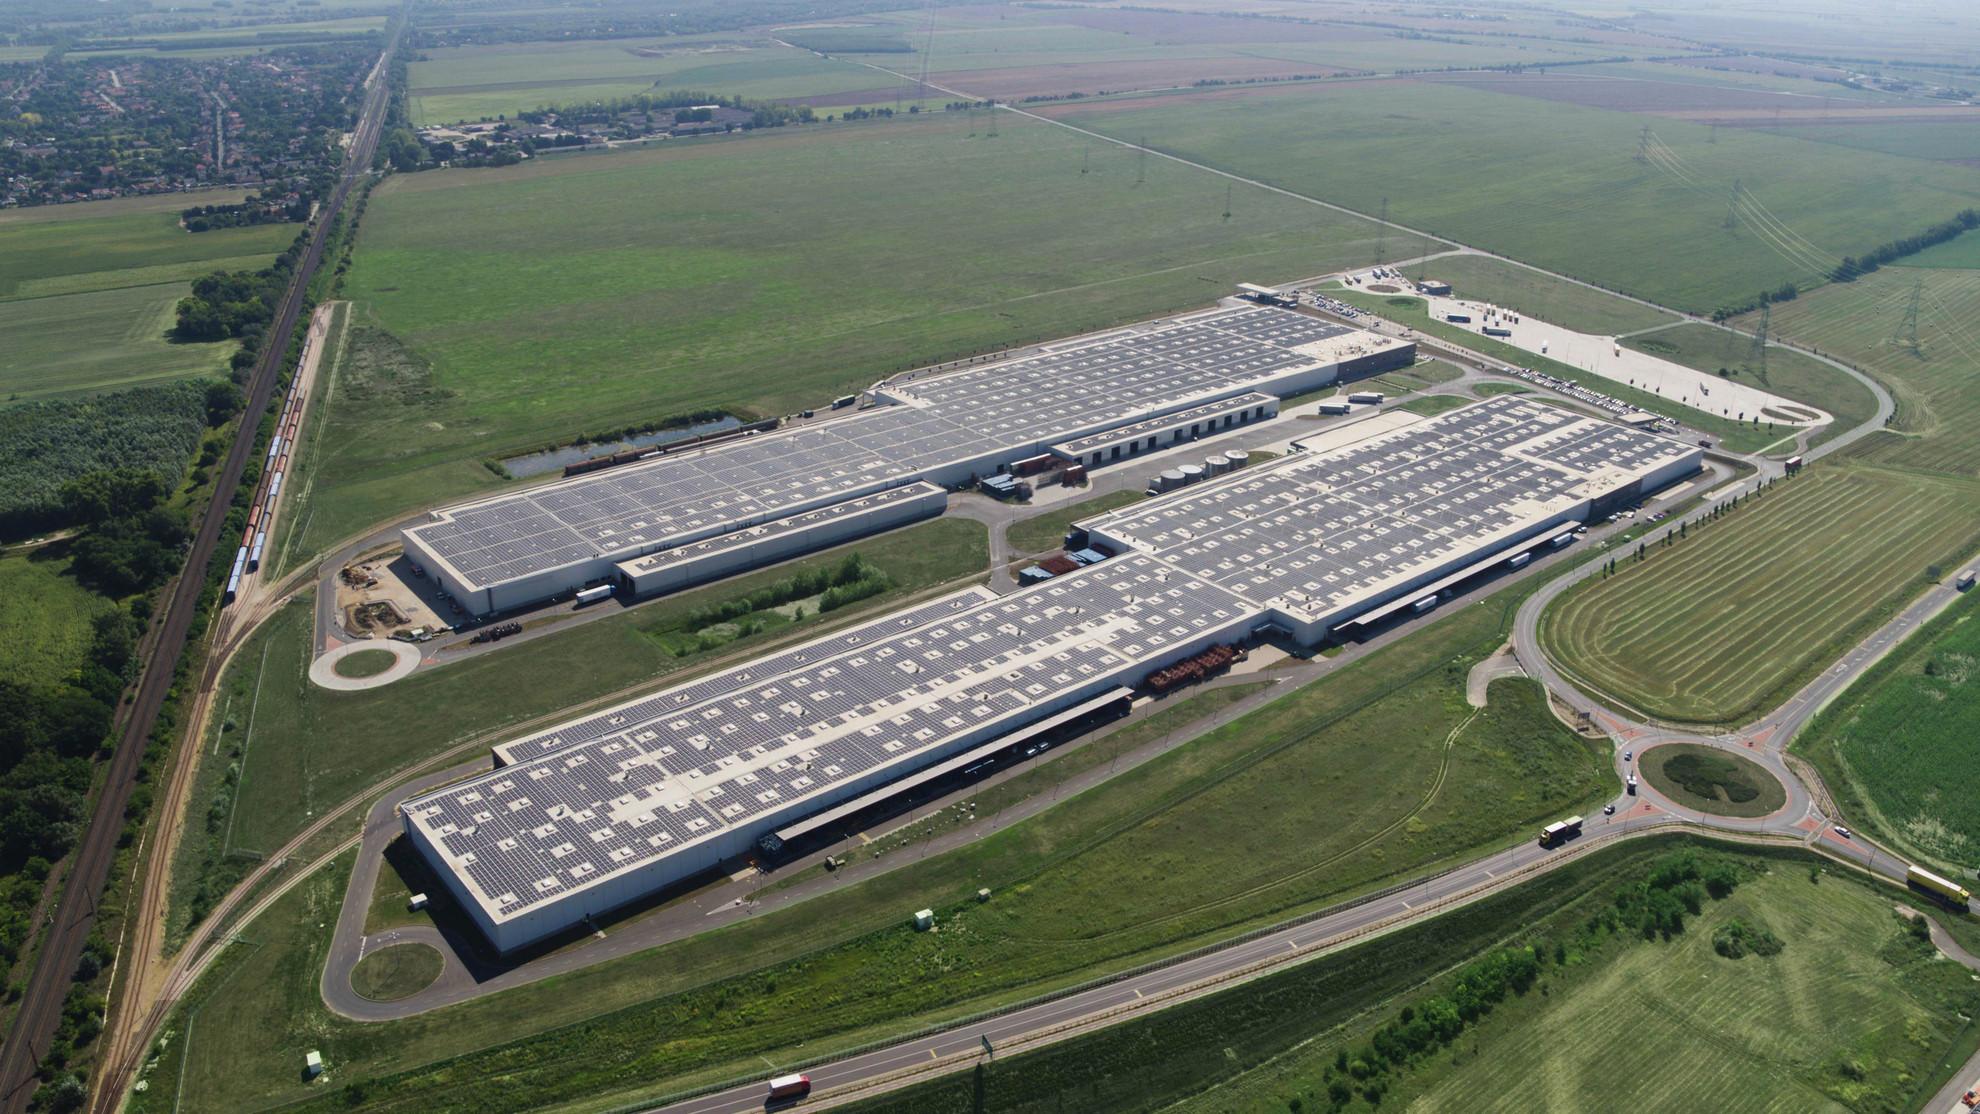 A 160 ezer négyzetméter területű napelempark 36 ezer napelemből áll